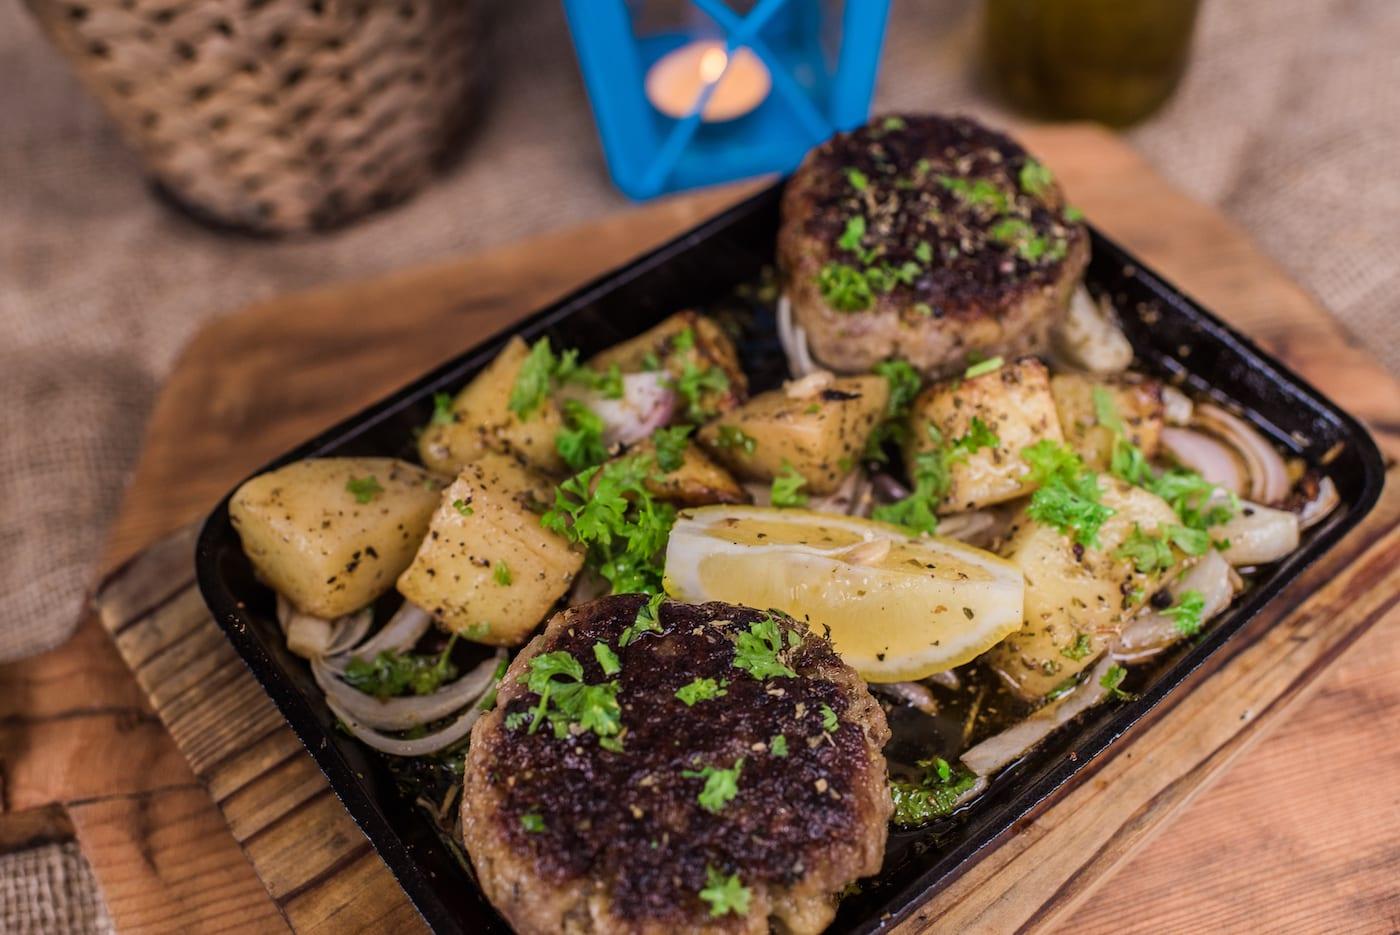 beef and mushroom steak